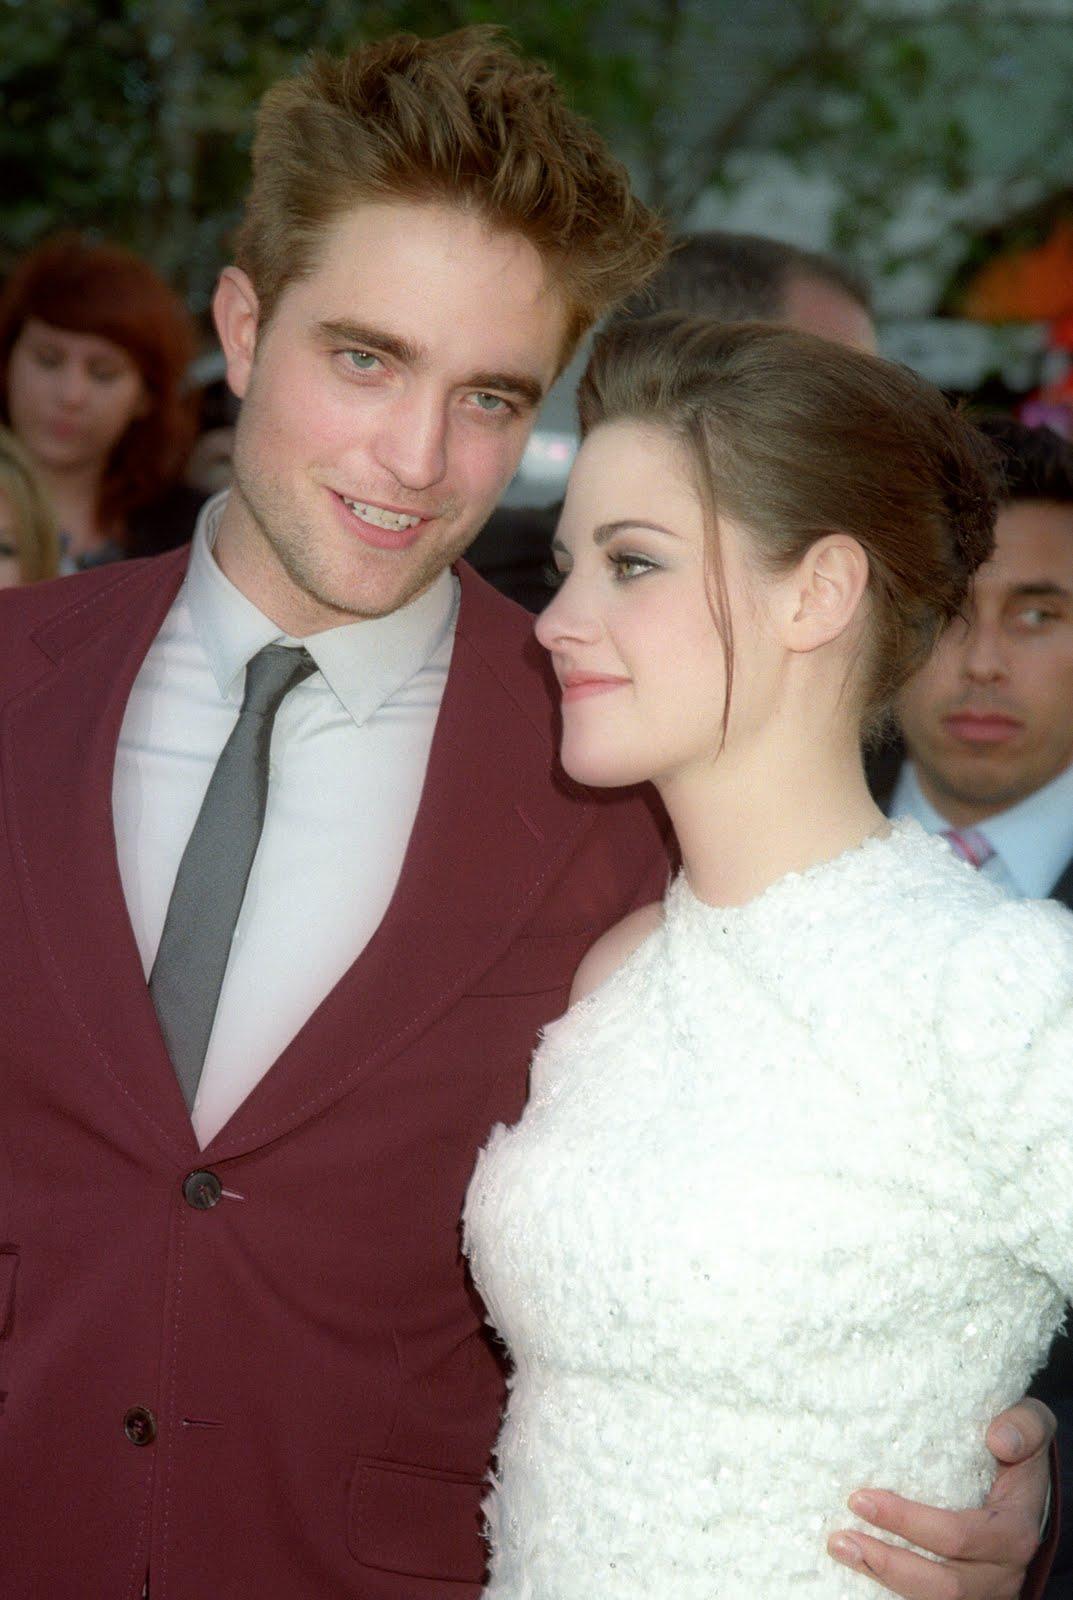 http://3.bp.blogspot.com/_1lsrycz7OMk/TCfAygnT8NI/AAAAAAAAGP4/0xr5n6CzLlM/s1600/Robert-Pattinson-Kristen-Stewart.jpg